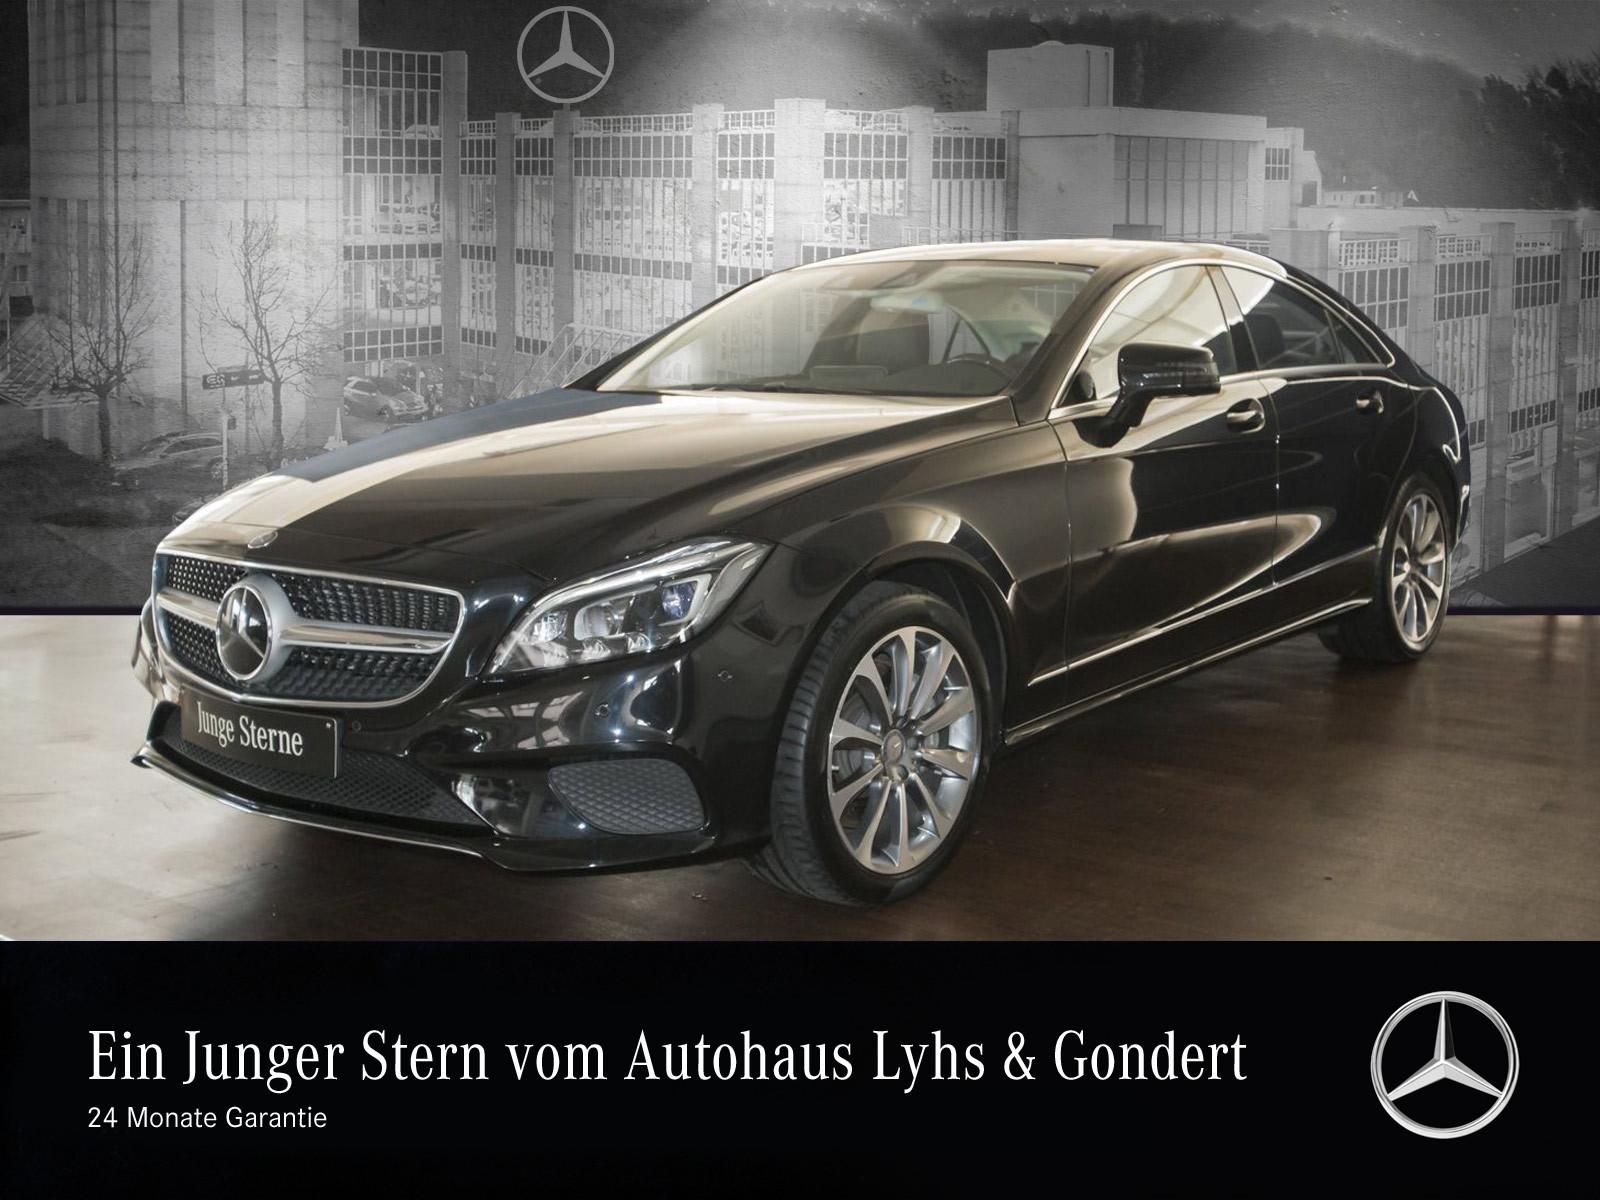 Mercedes-Benz CLS 400 Coupé Sportpaket*Sitzklima*Comand*LED, Jahr 2015, petrol